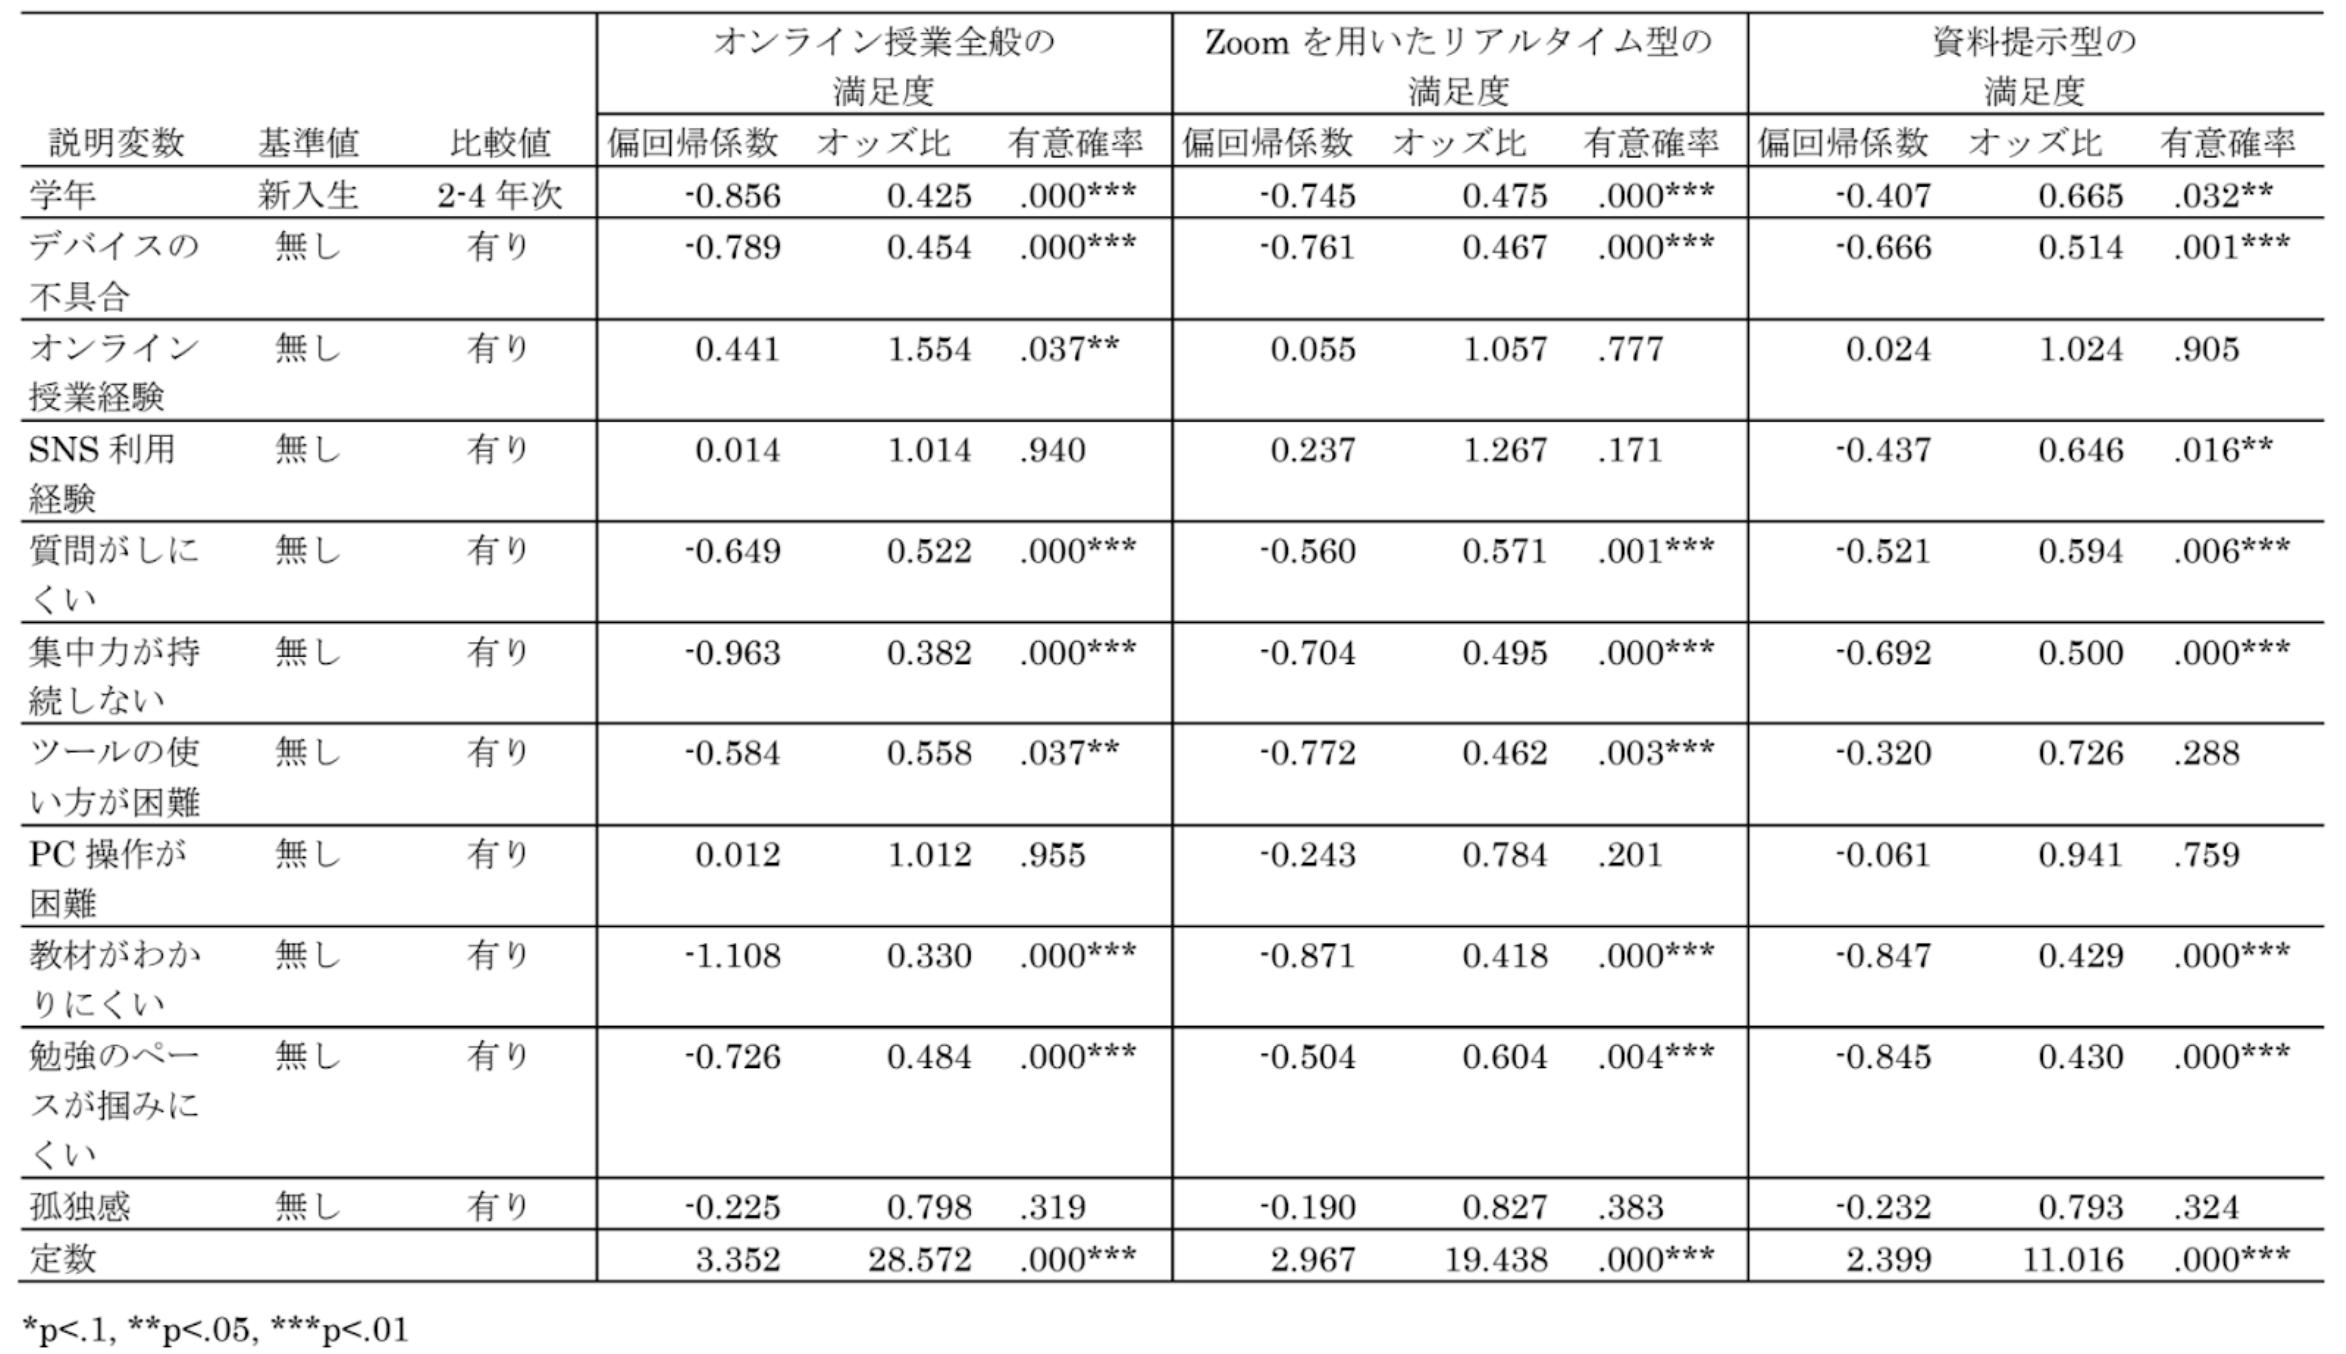 スクリーンショット 2021-01-30 11.49.01.png